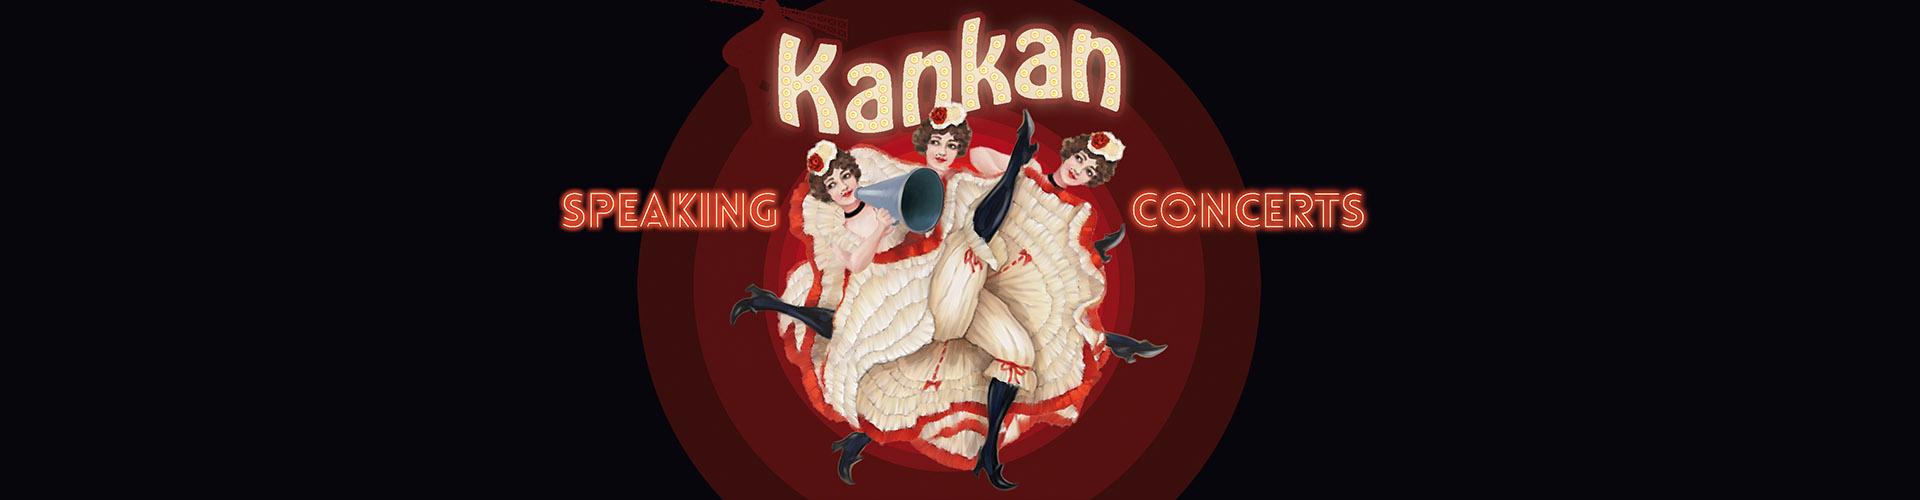 Speaking Concerts - Kankan, czyli zawracanie głowy nogami - Poznań